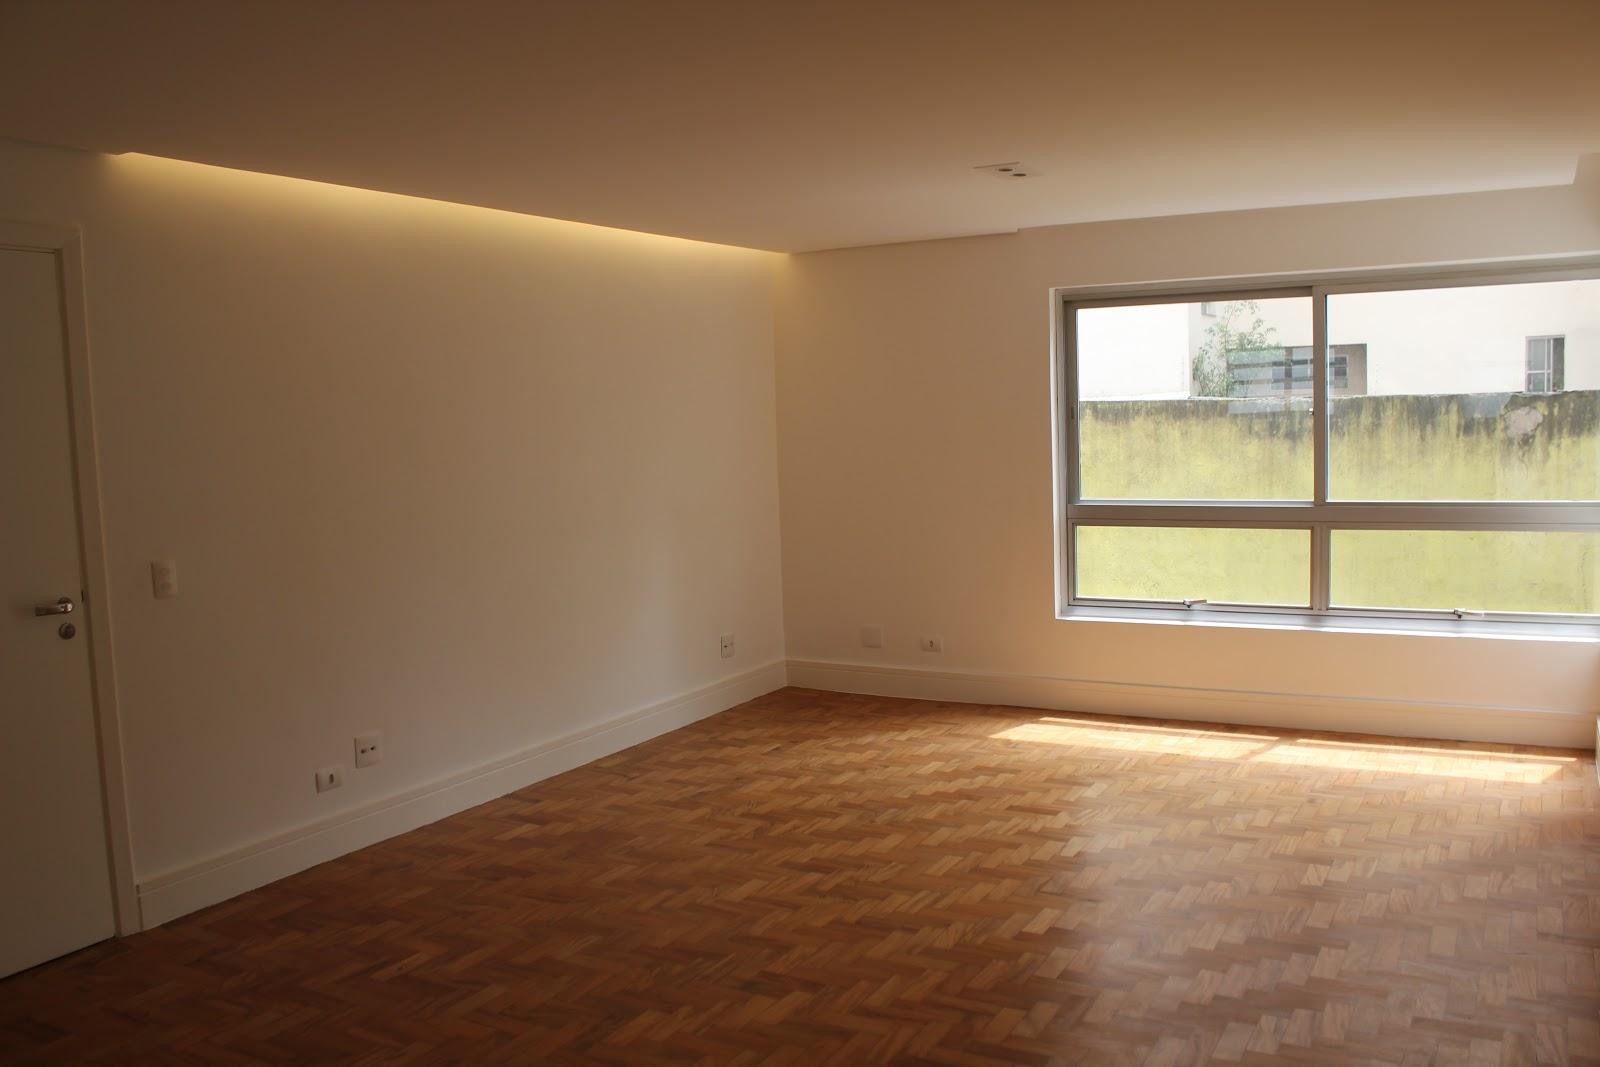 Projeto de iluminação completo em todos os ambientes do apartamento. #462817 1600 1067